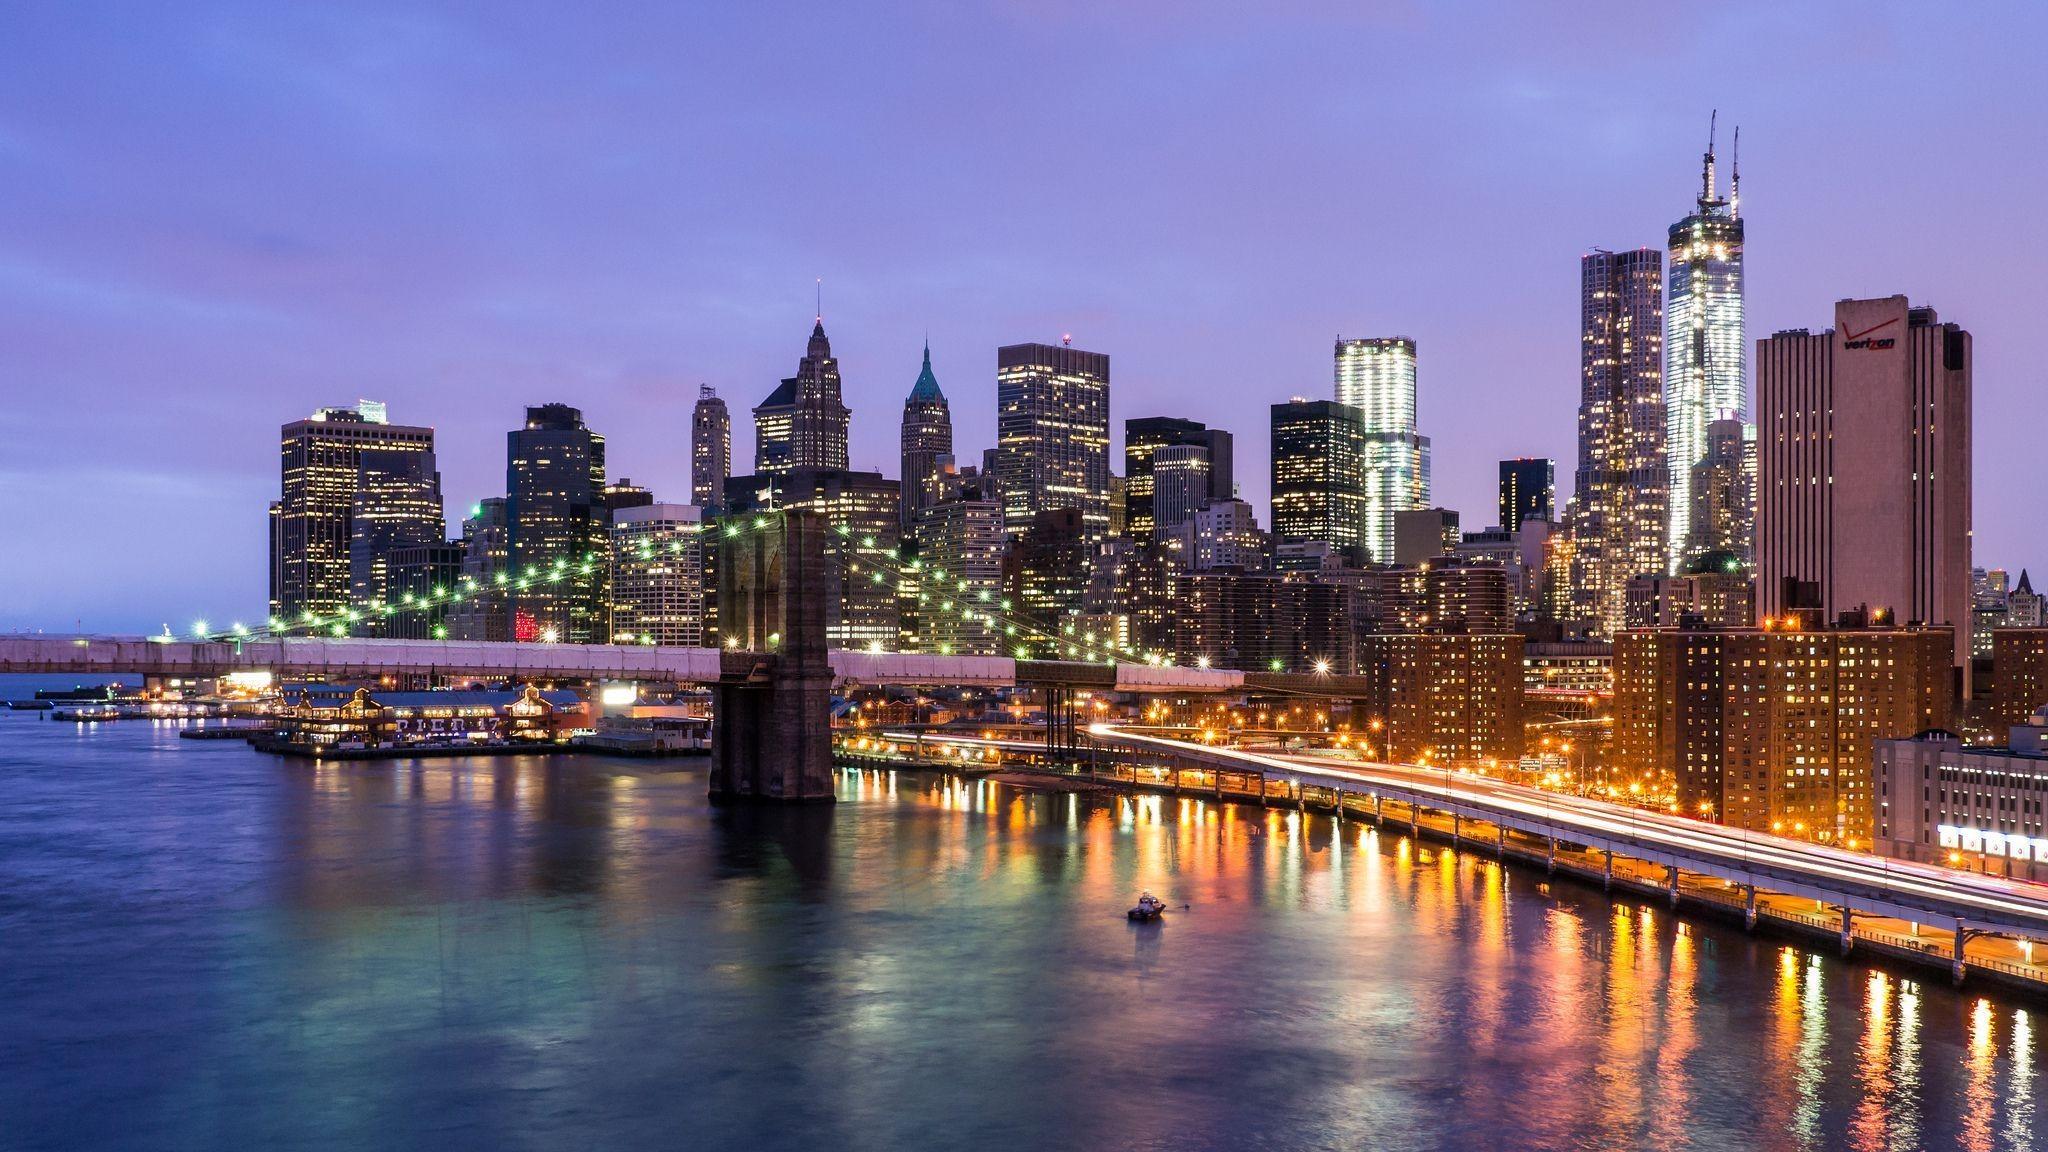 New-York-City-Desktop-Wallpaper-HD – Magic4Walls.com